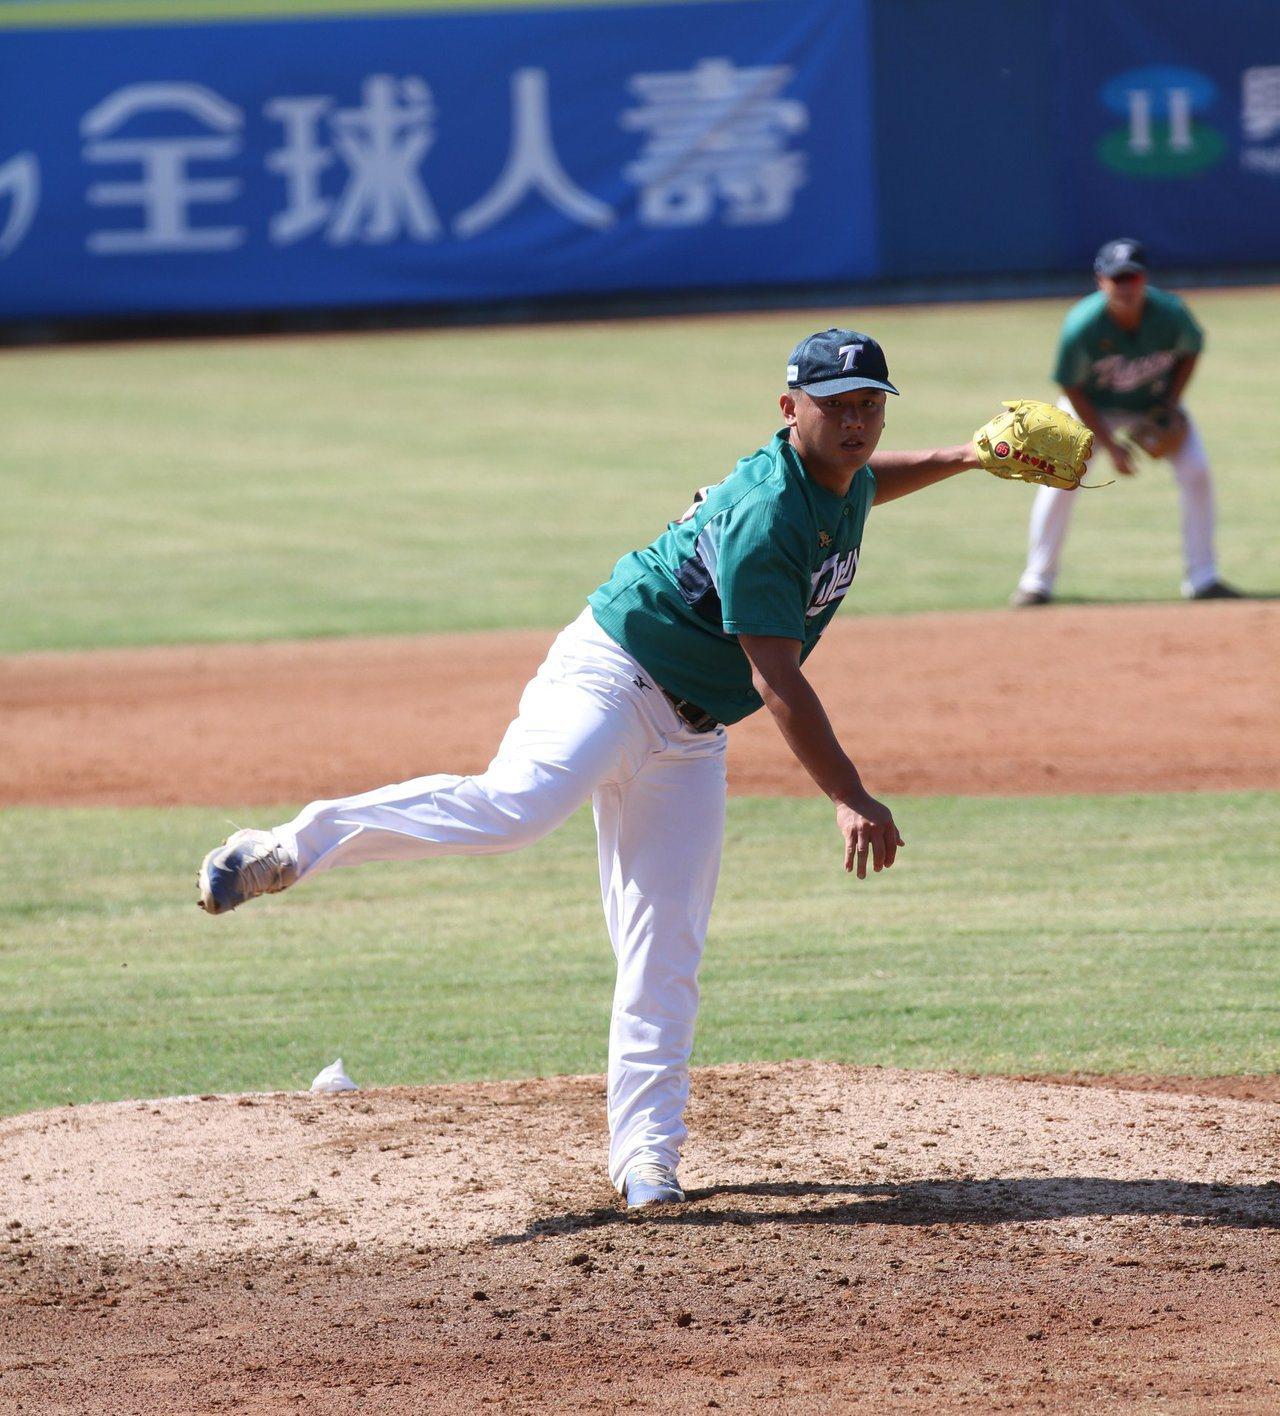 台壽保隊在協會盃初登場就開紅盤。 擷圖自台壽保棒球隊粉絲團